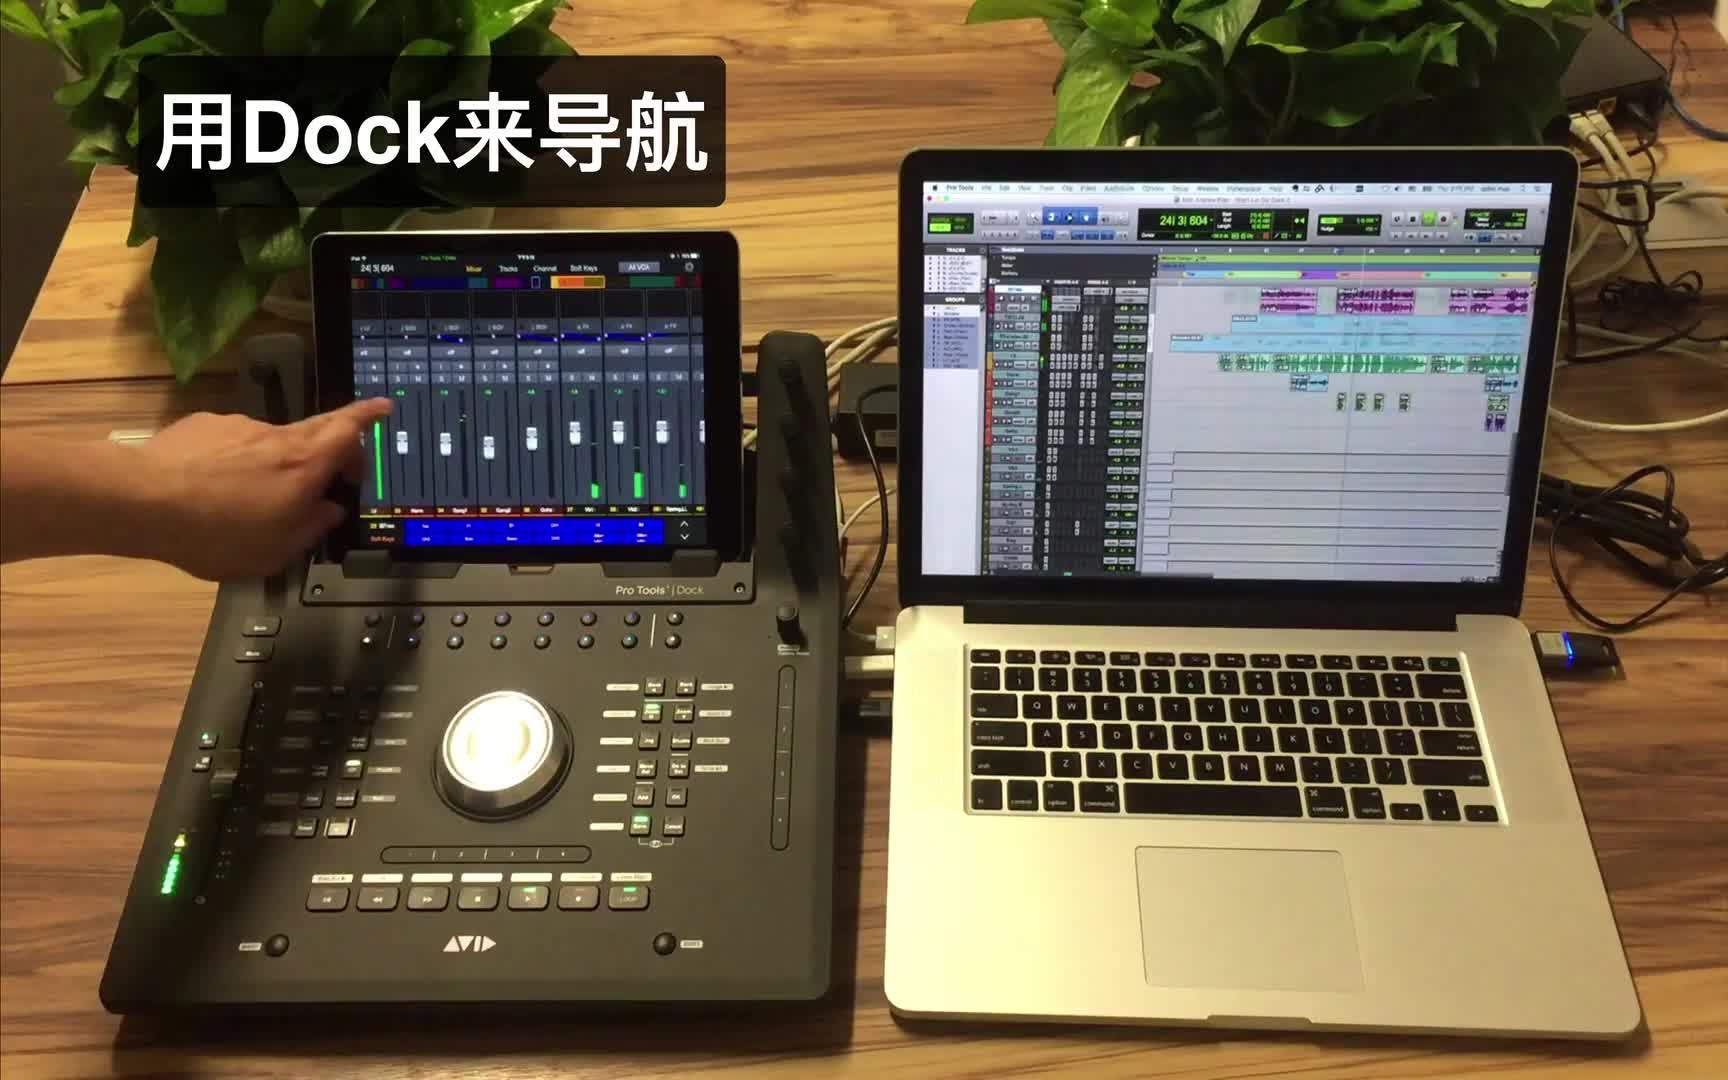 Pro Tools  Dock 上手实用操作演示